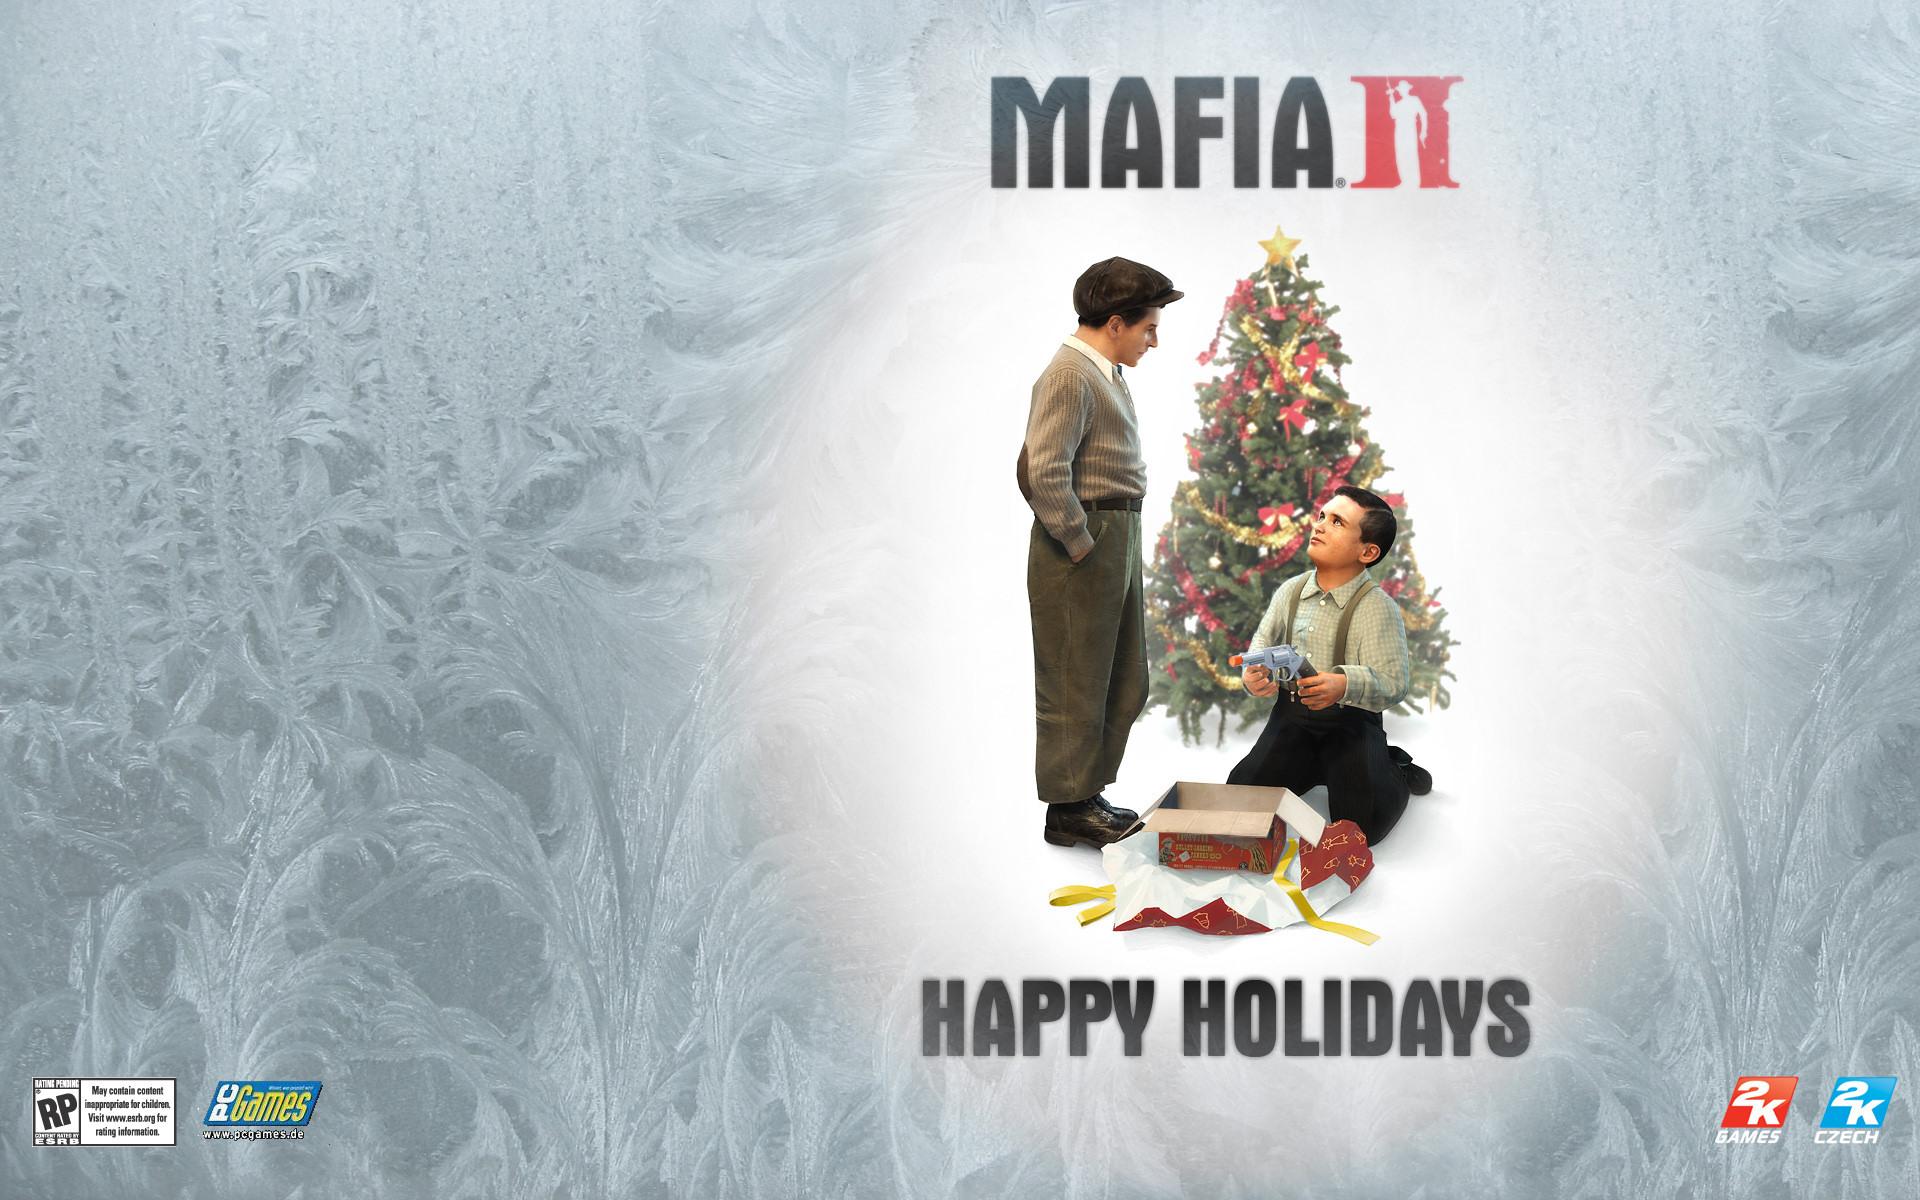 Image Mafia Mafia 2 Games 1920x1200